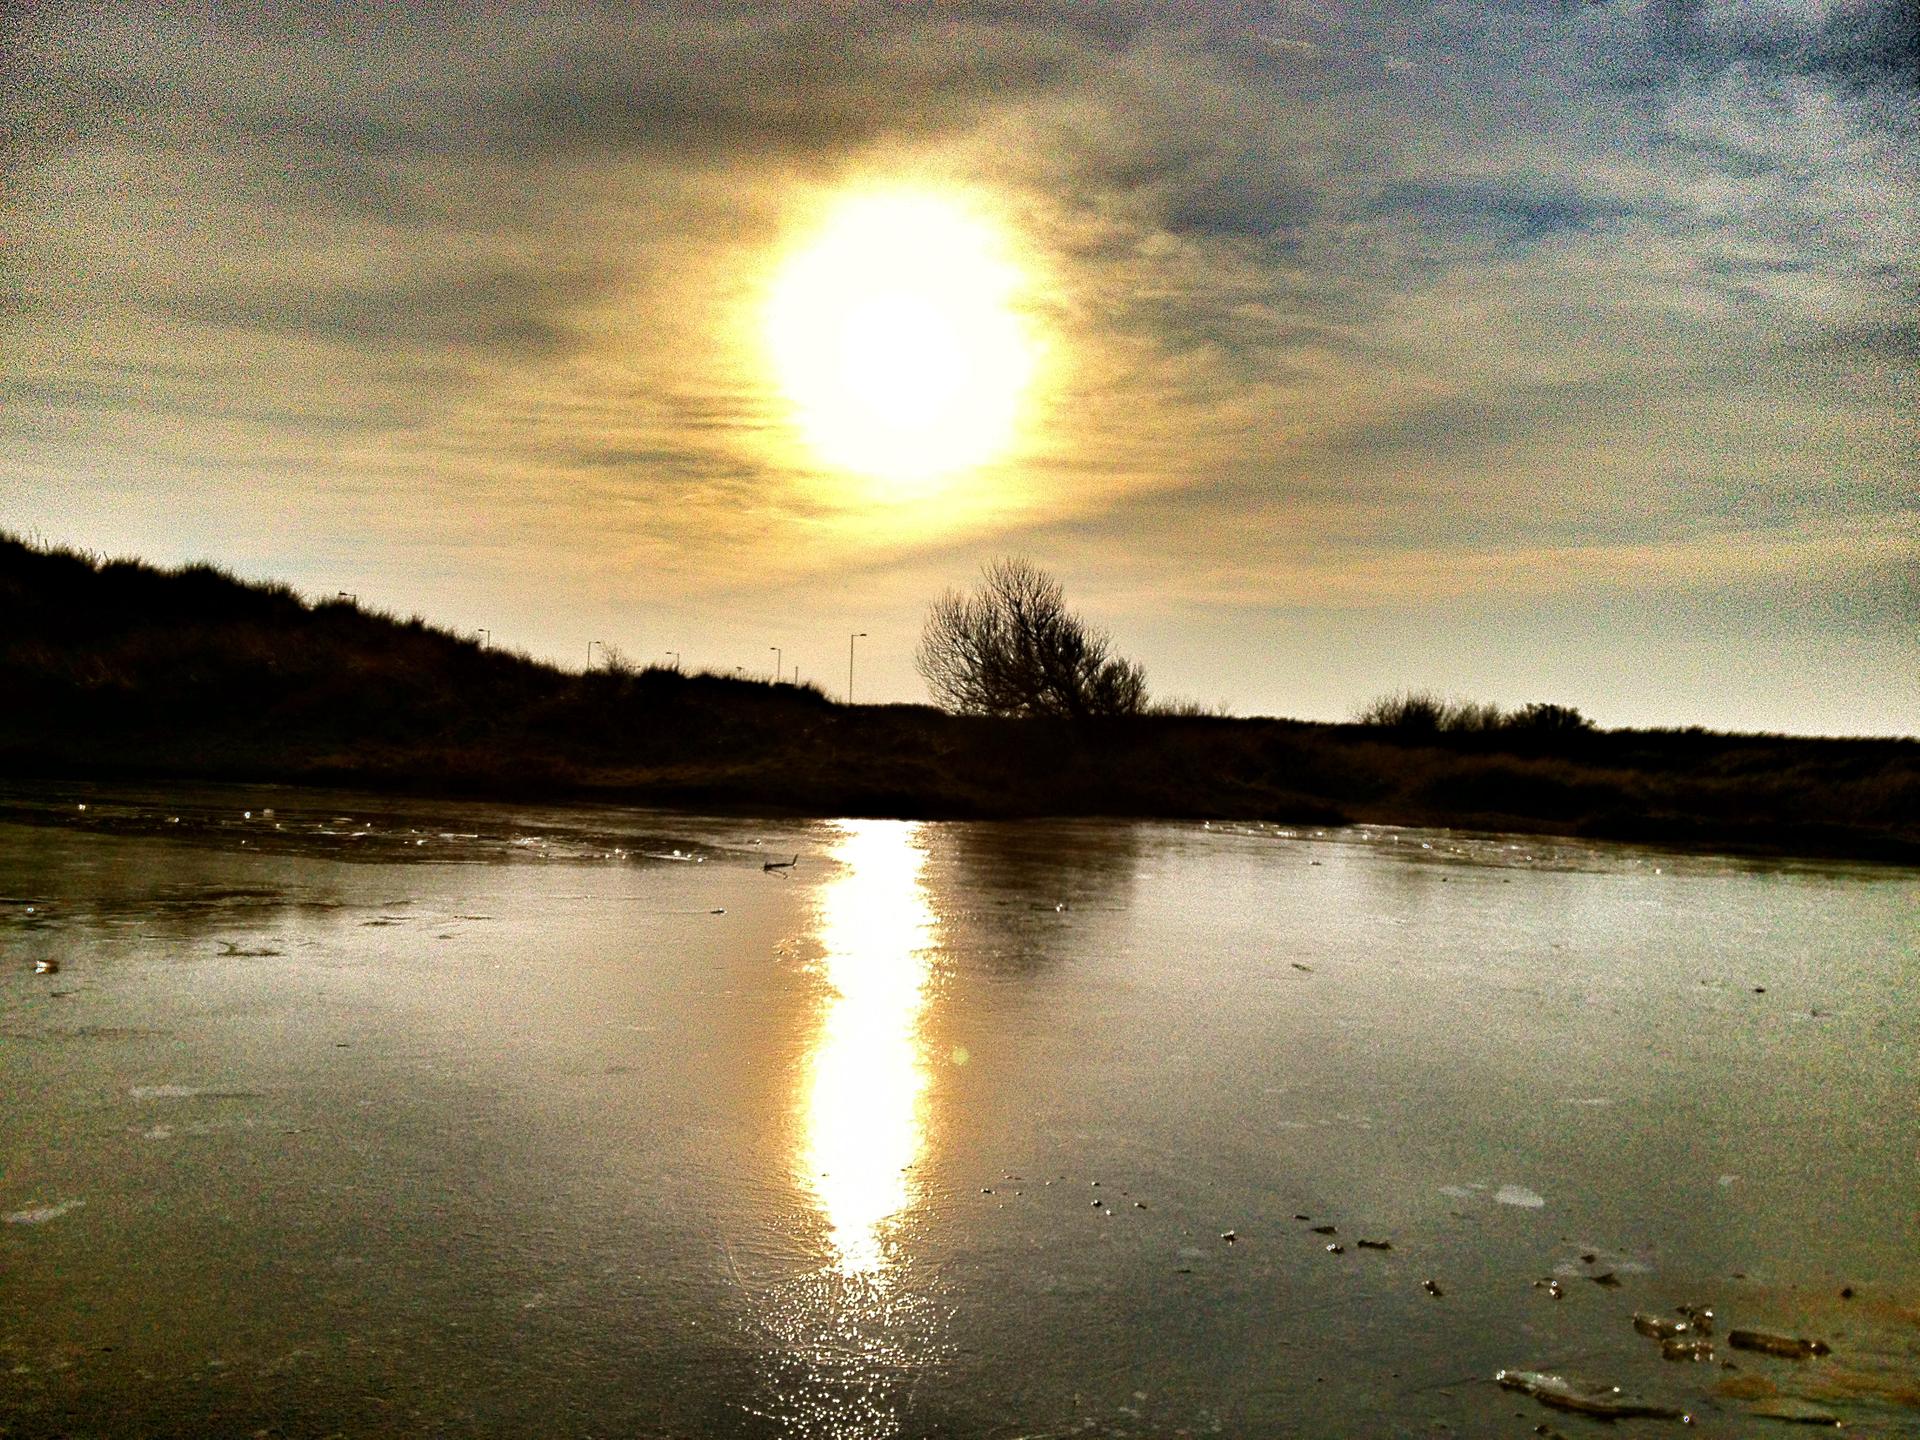 Zdjęcia przedstawiające pokrywę lodową na jeziorze, na którą świeci słońce – wyraźnie widoczne promienie słoneczne padające na powierzchnię lodu